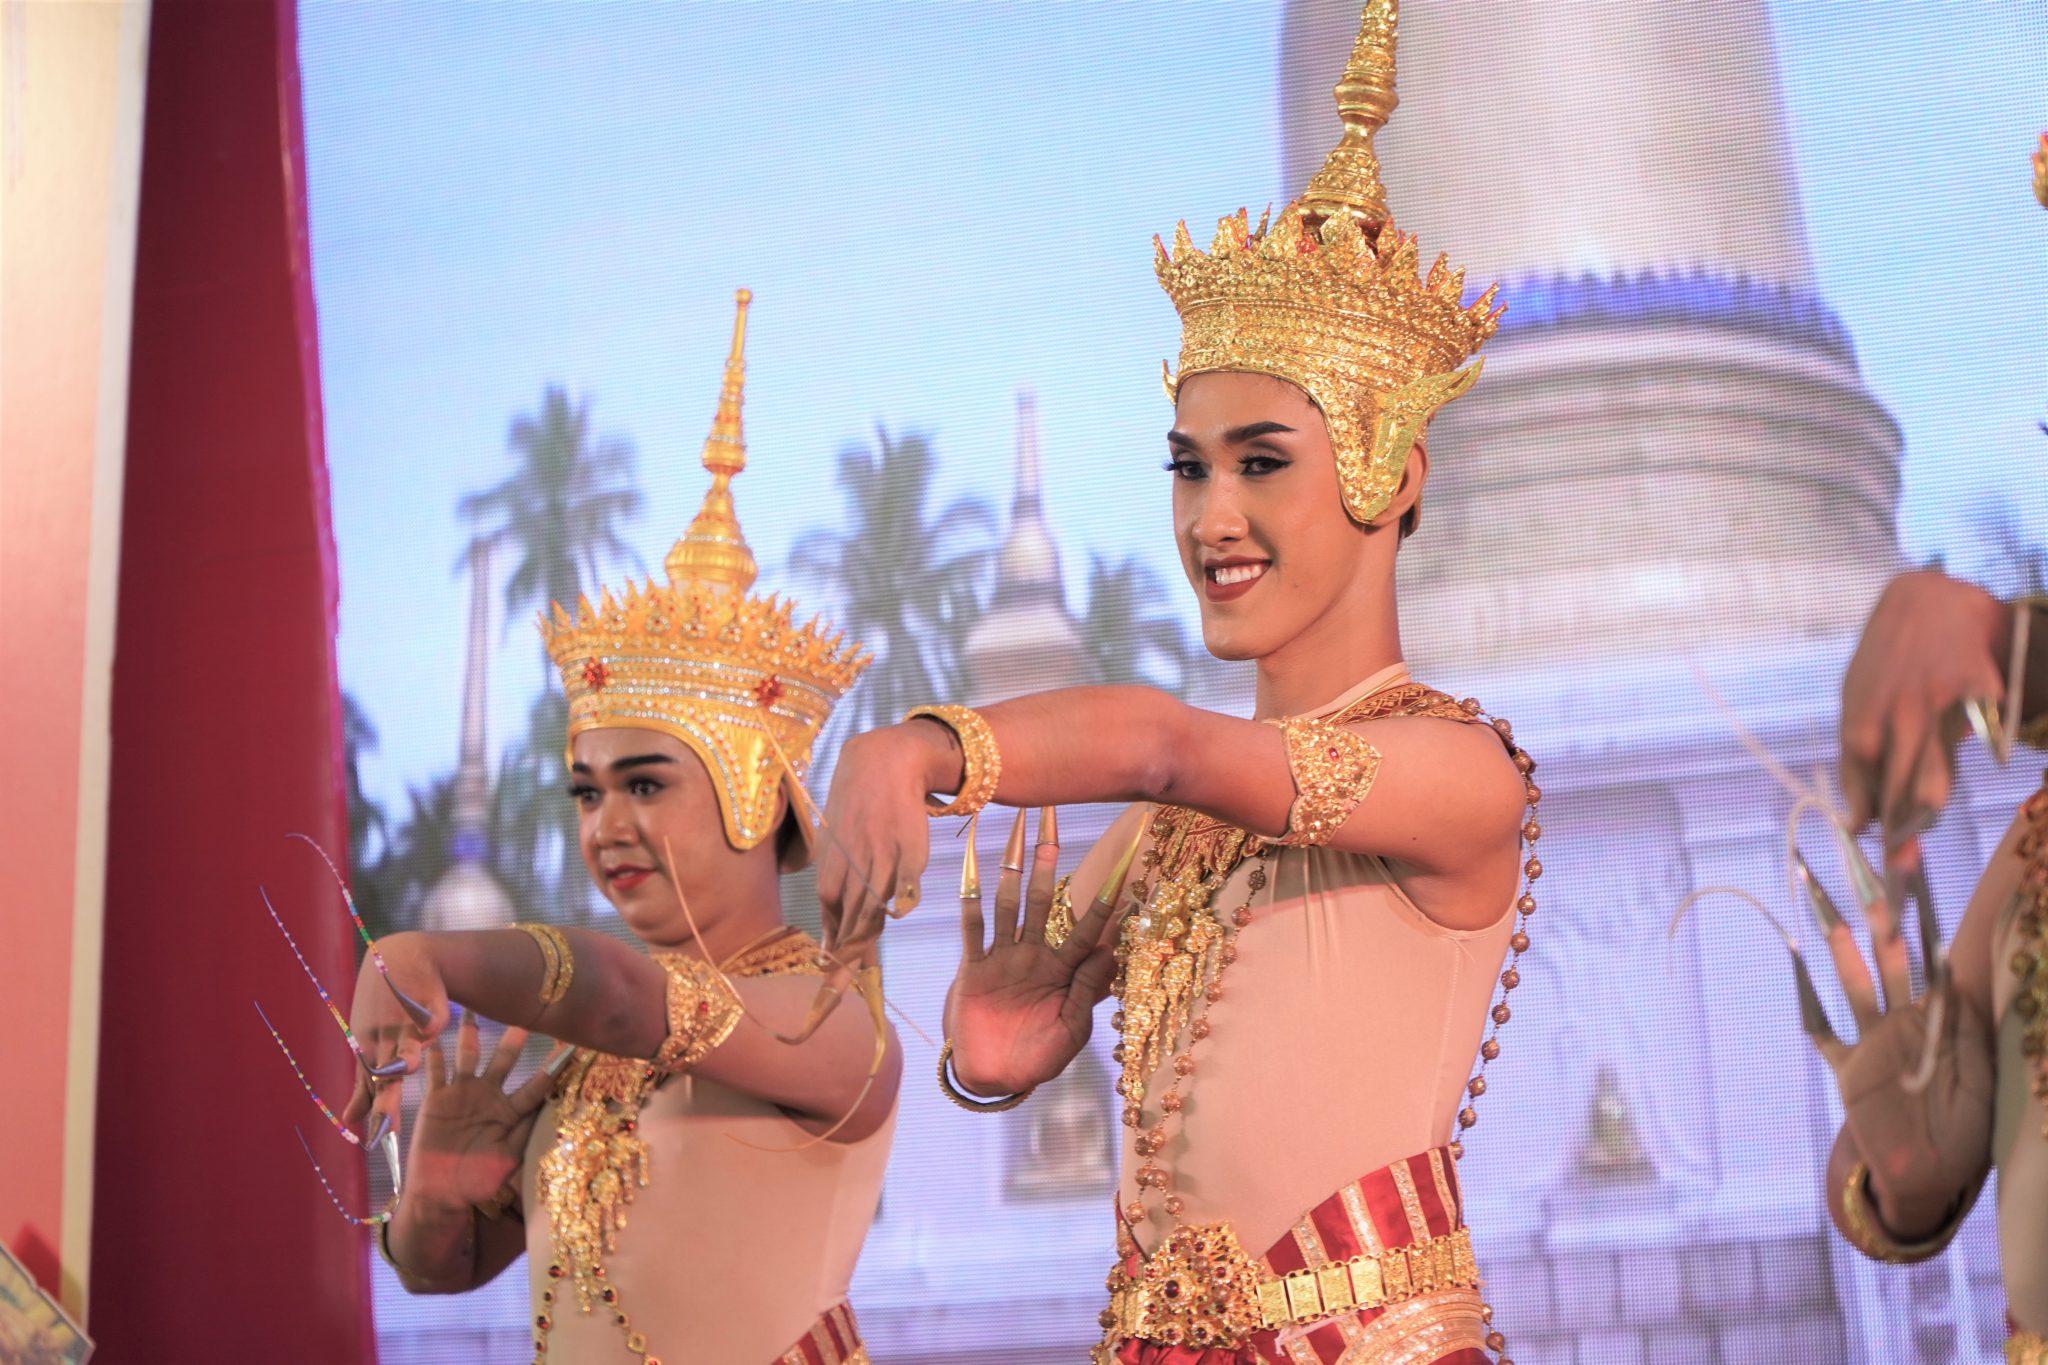 การแสดงมโนราห์ หนึ่งในอัตลักษณ์ทางวัฒนธรรมที่สำคัญของภาคใต้